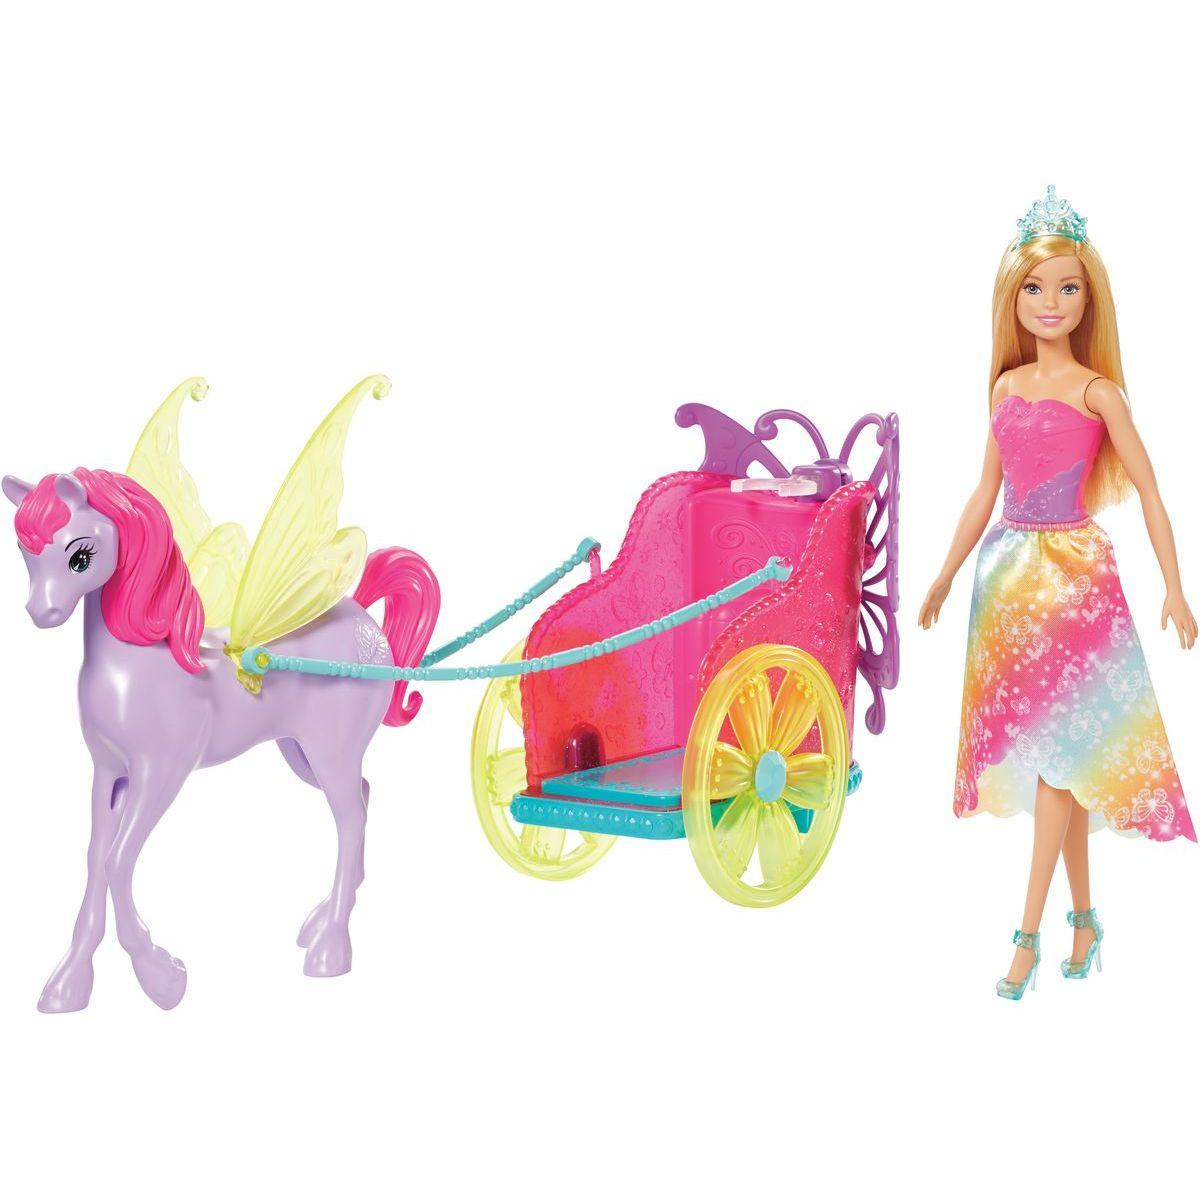 Mattel Barbie princezna v kočáru a pohádkový kůň